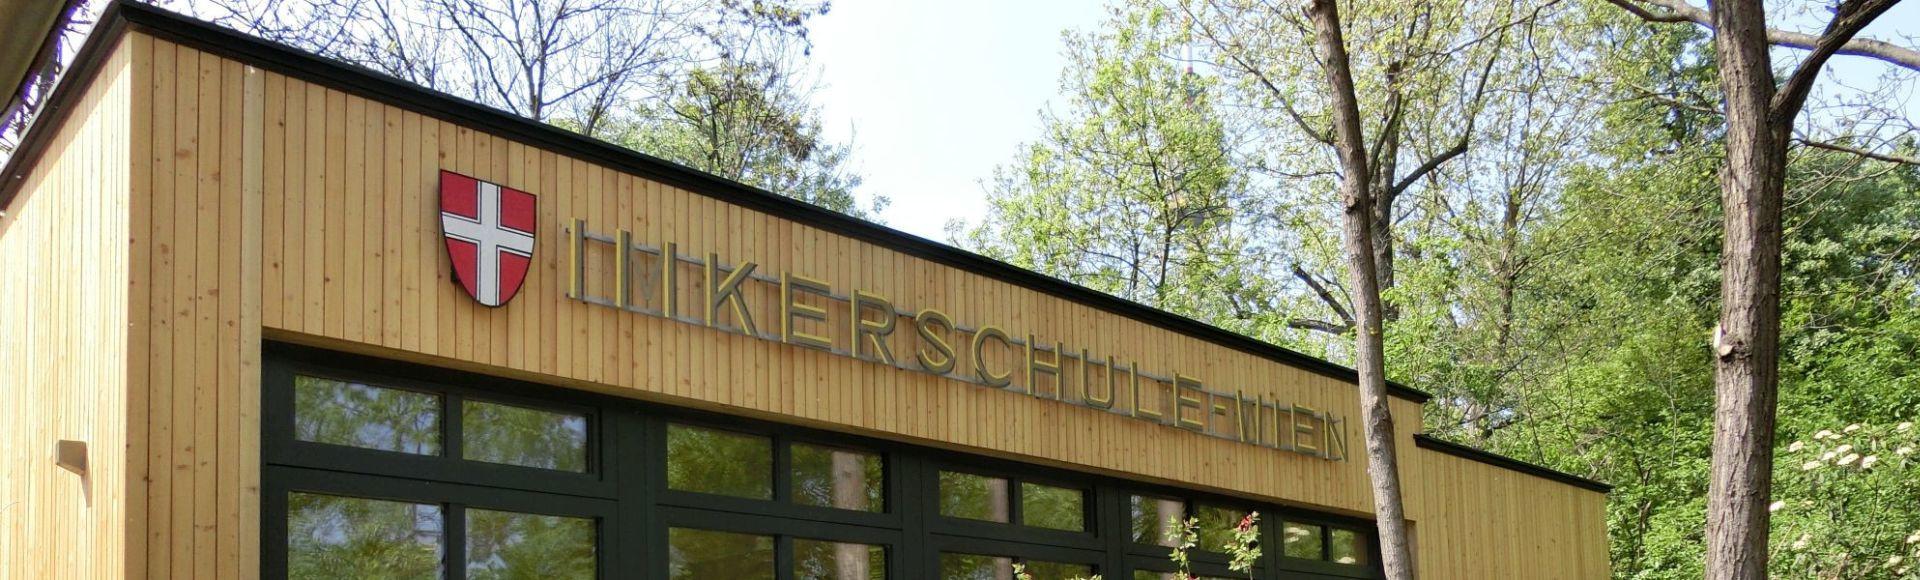 Landesverband für Bienenzucht in Wien mit Imkerschule Wien